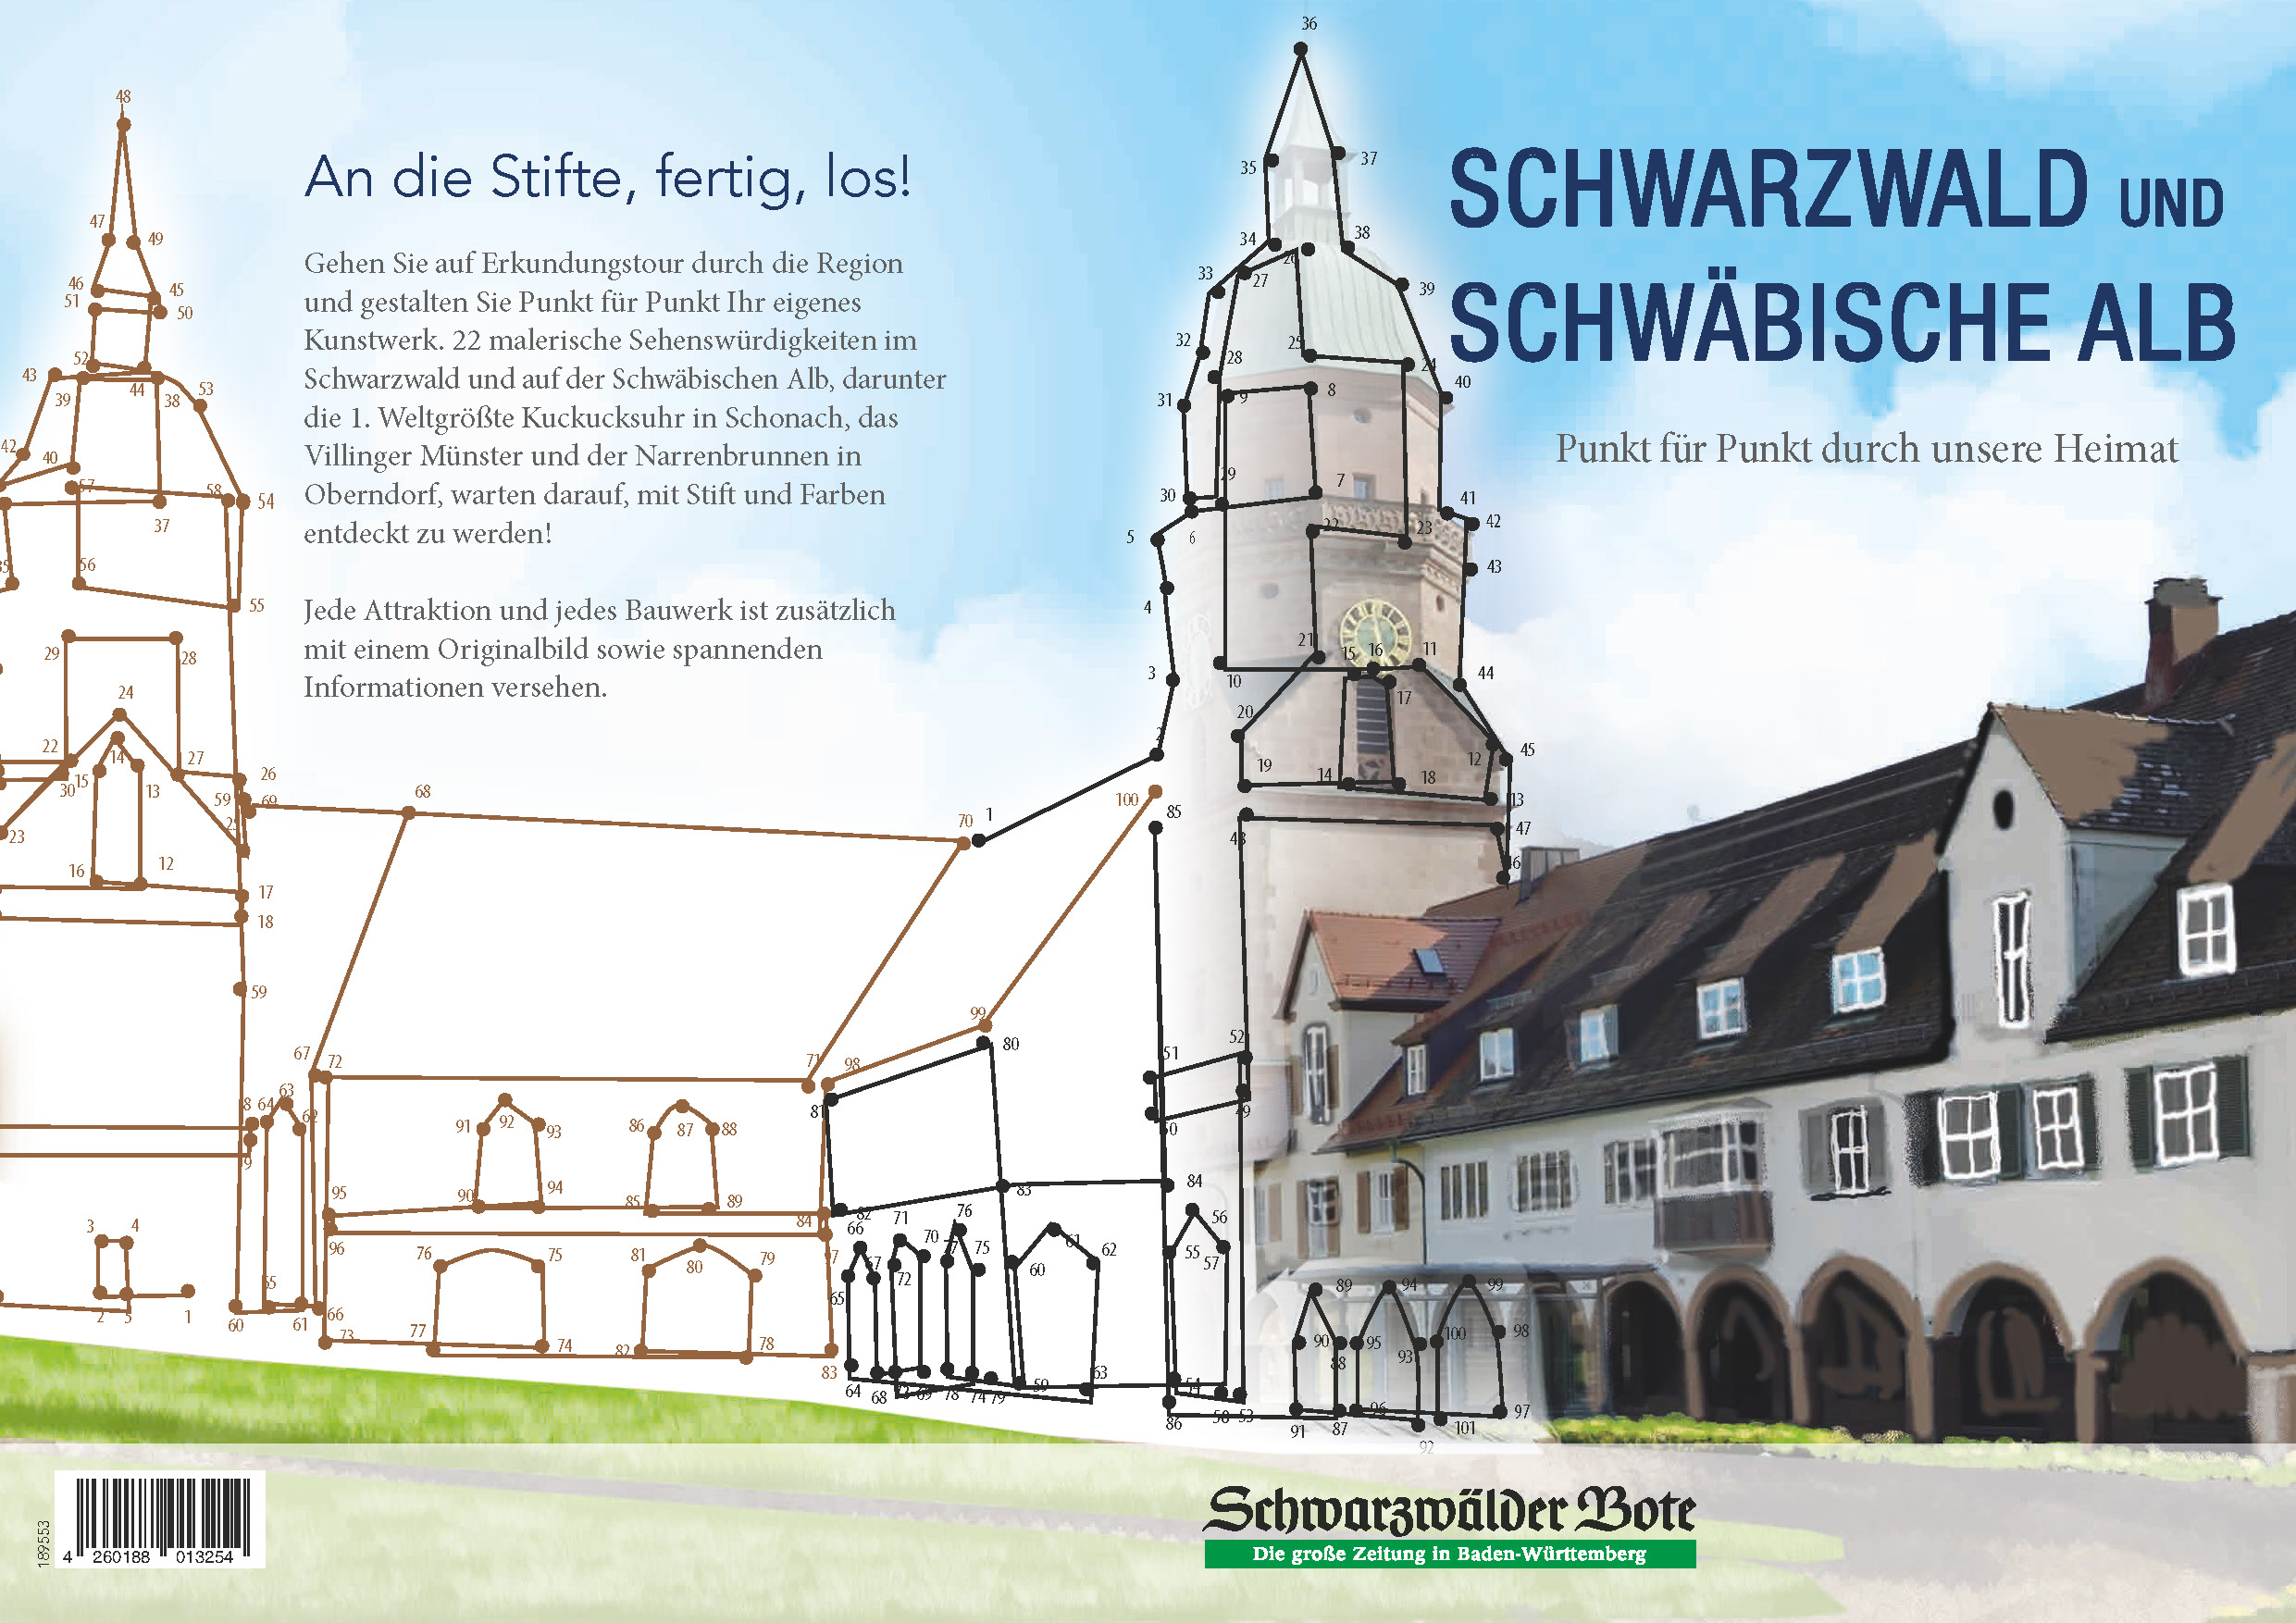 Schwarzwald und Schwäbische Alb